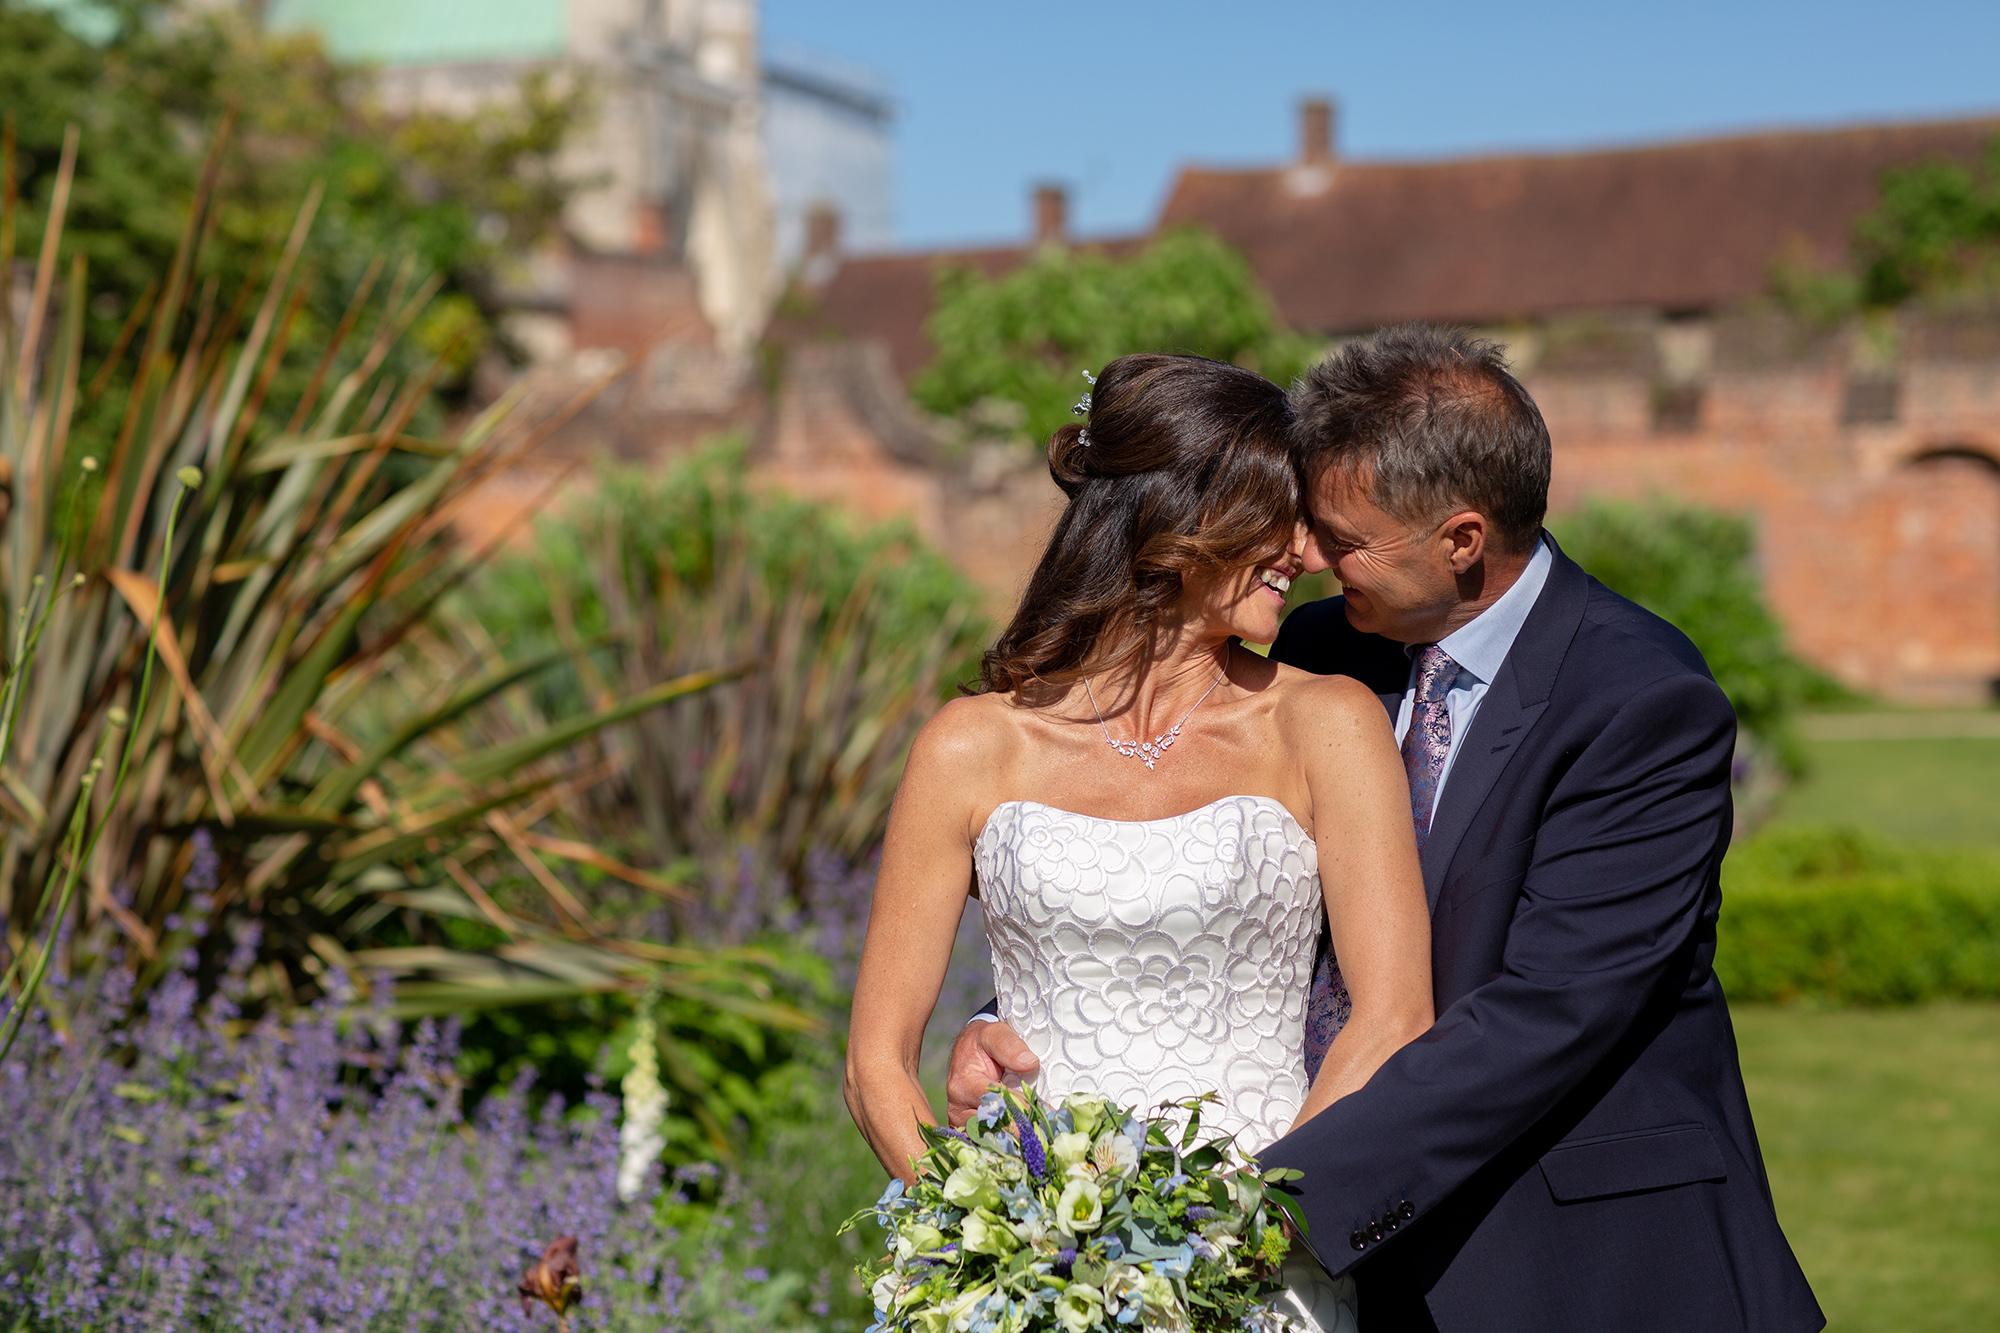 chichester_wedding_photographer_010.jpg